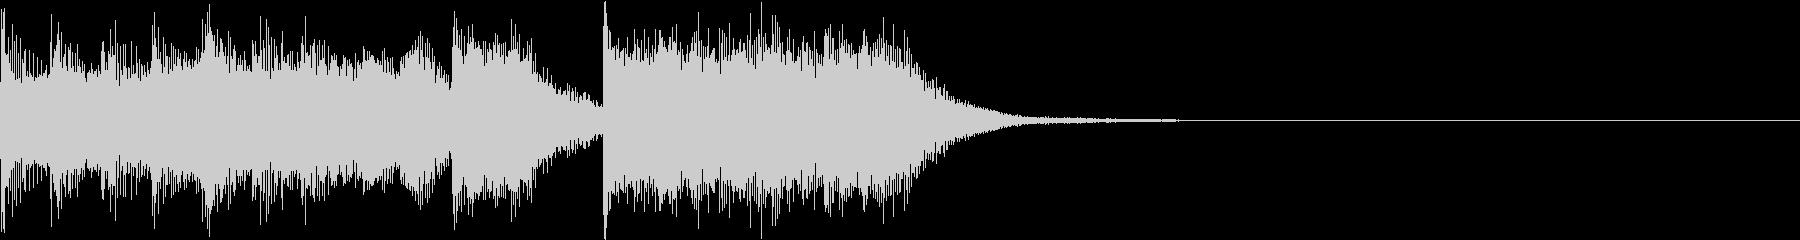 ファミコン風 レトロ ファンファーレ Fの未再生の波形